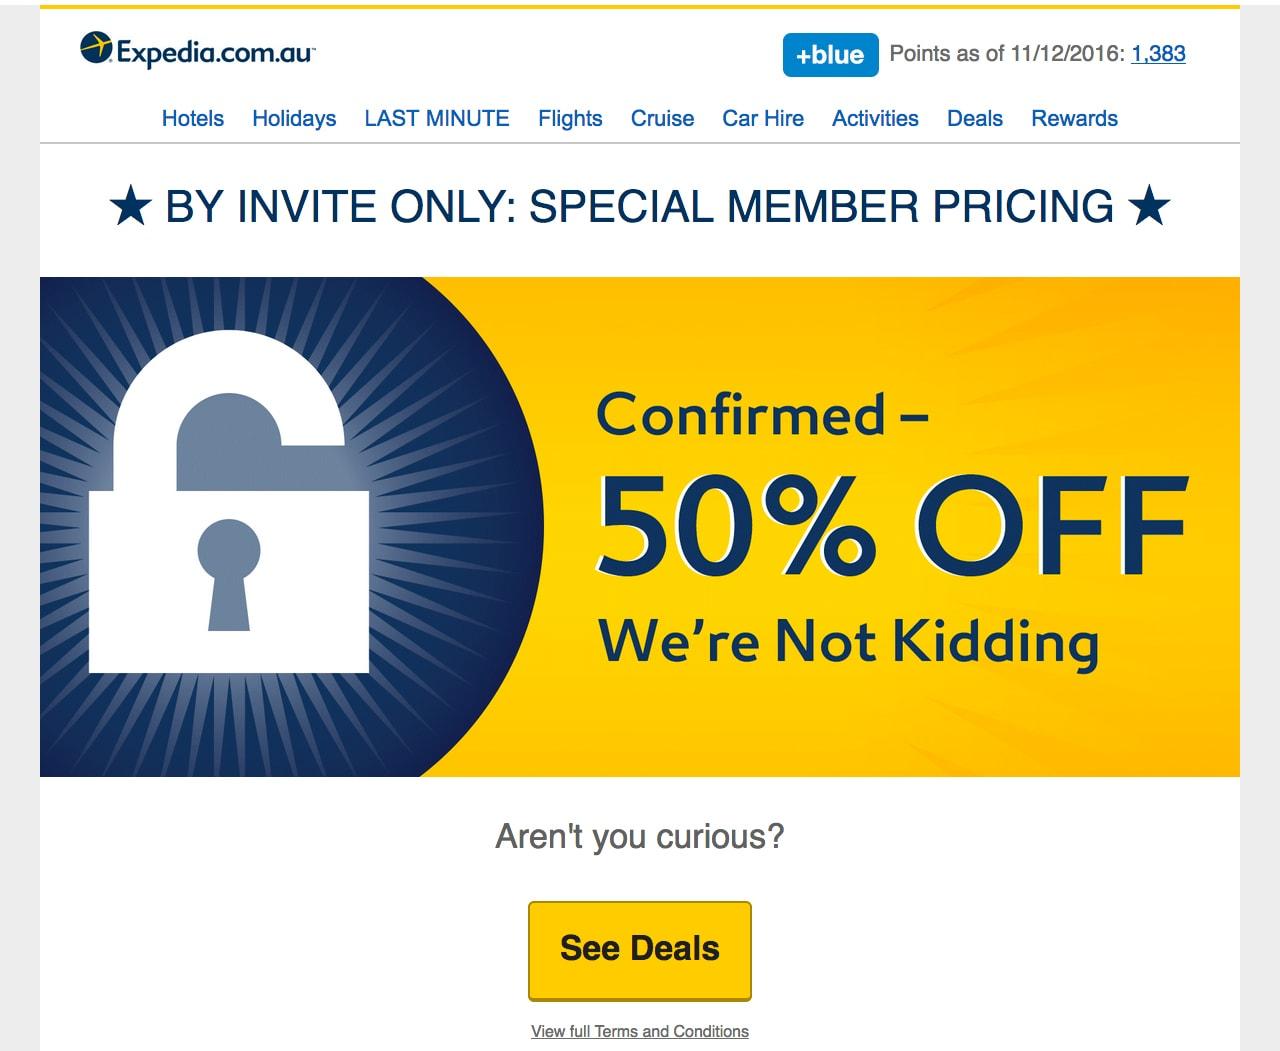 expedia promo email